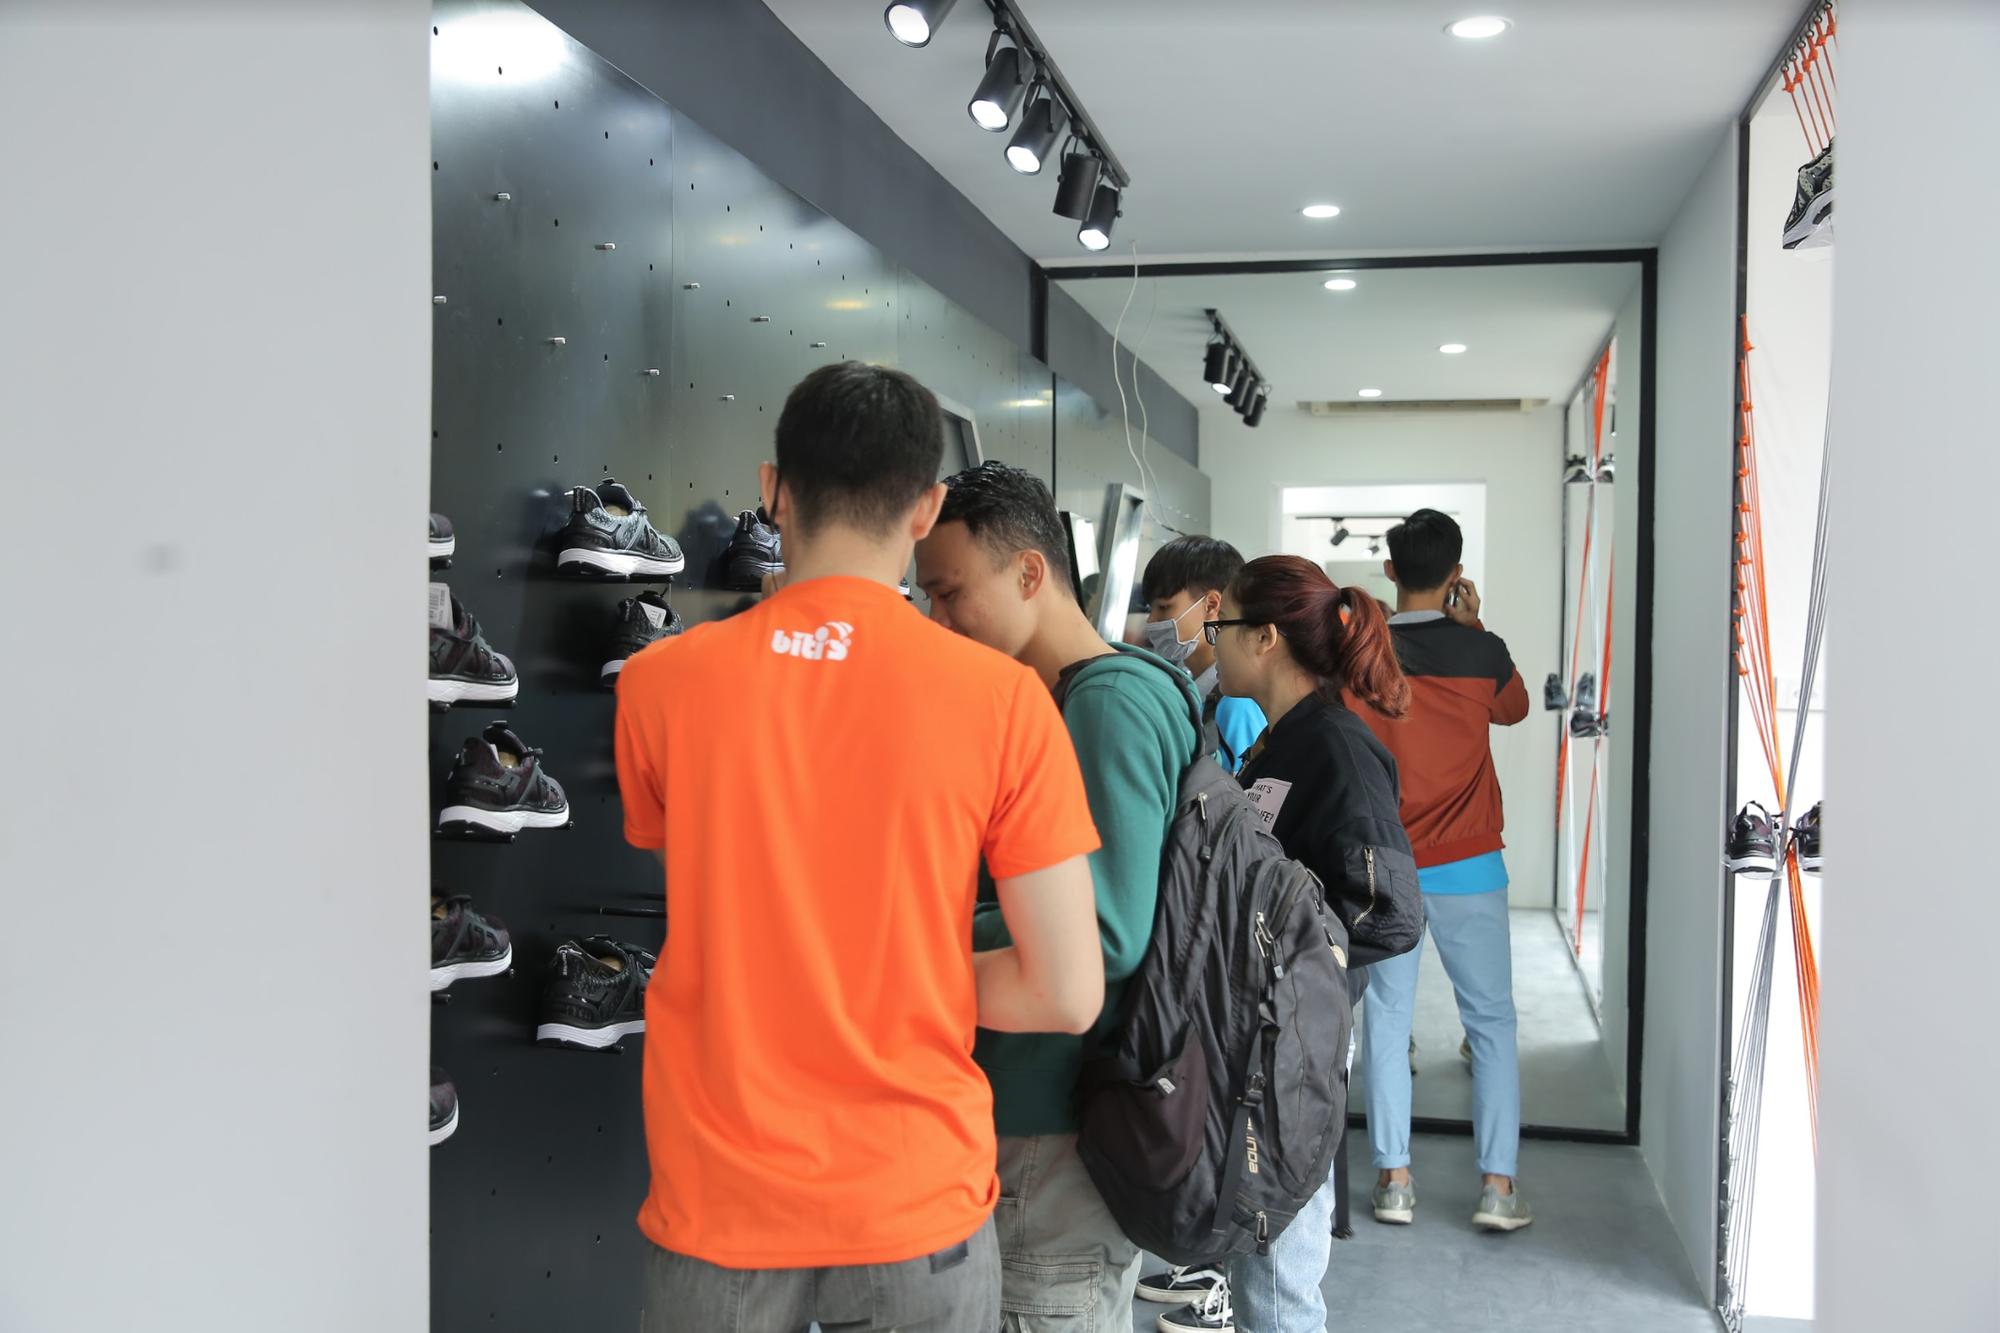 Tín đồ sneaker thủ đô háo hức với sự ra mắt independent store đầu tiên của Biti's Hunter - Ảnh 5.